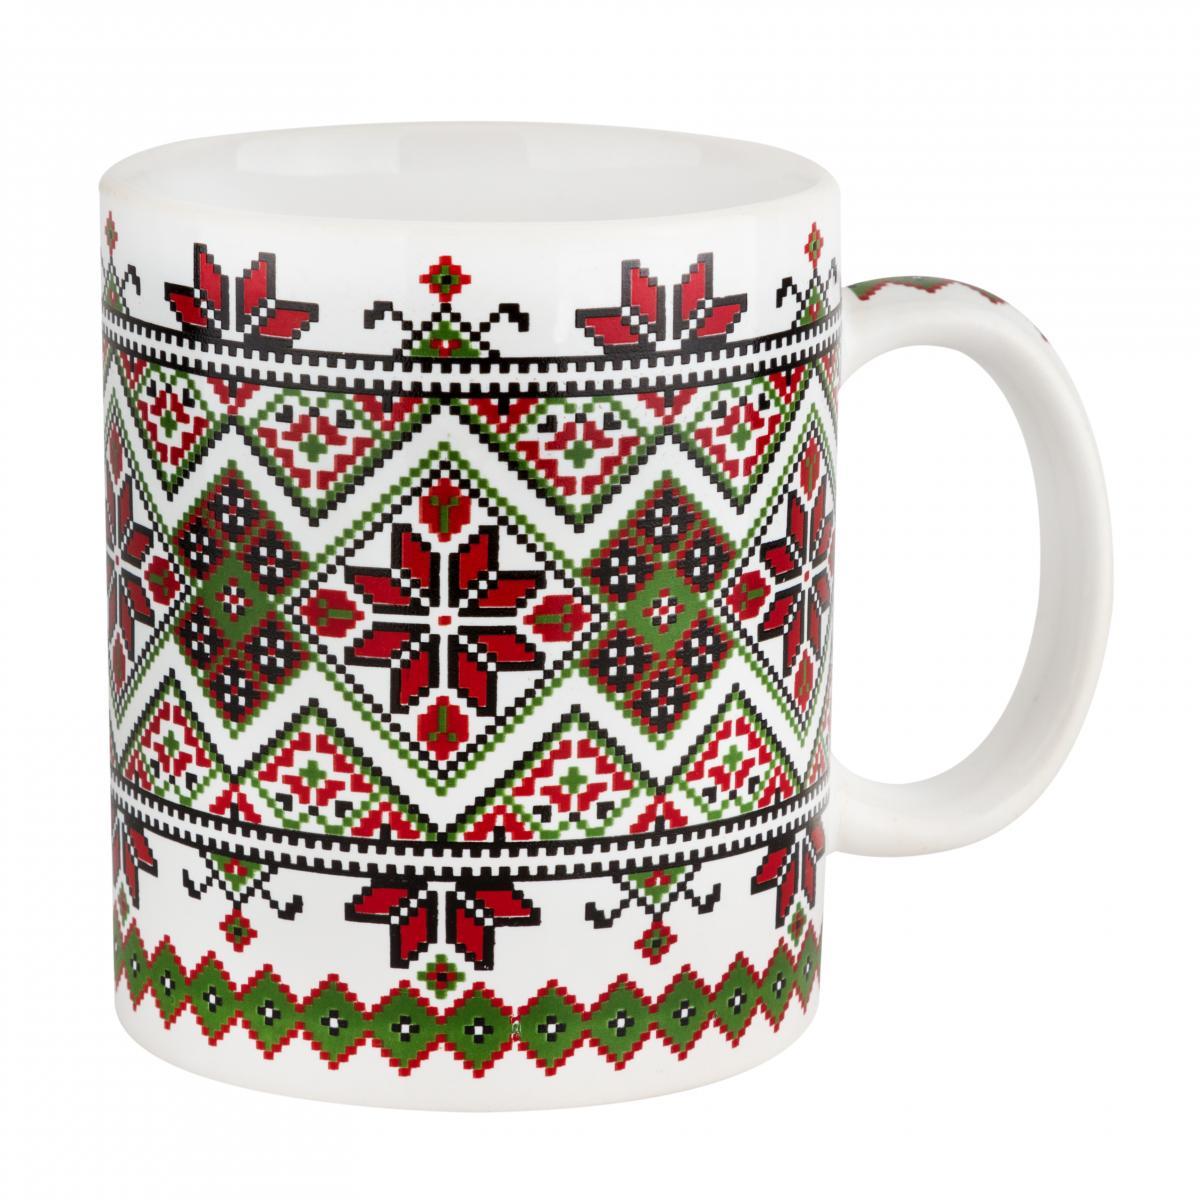 Чашка с красно-зеленым узором